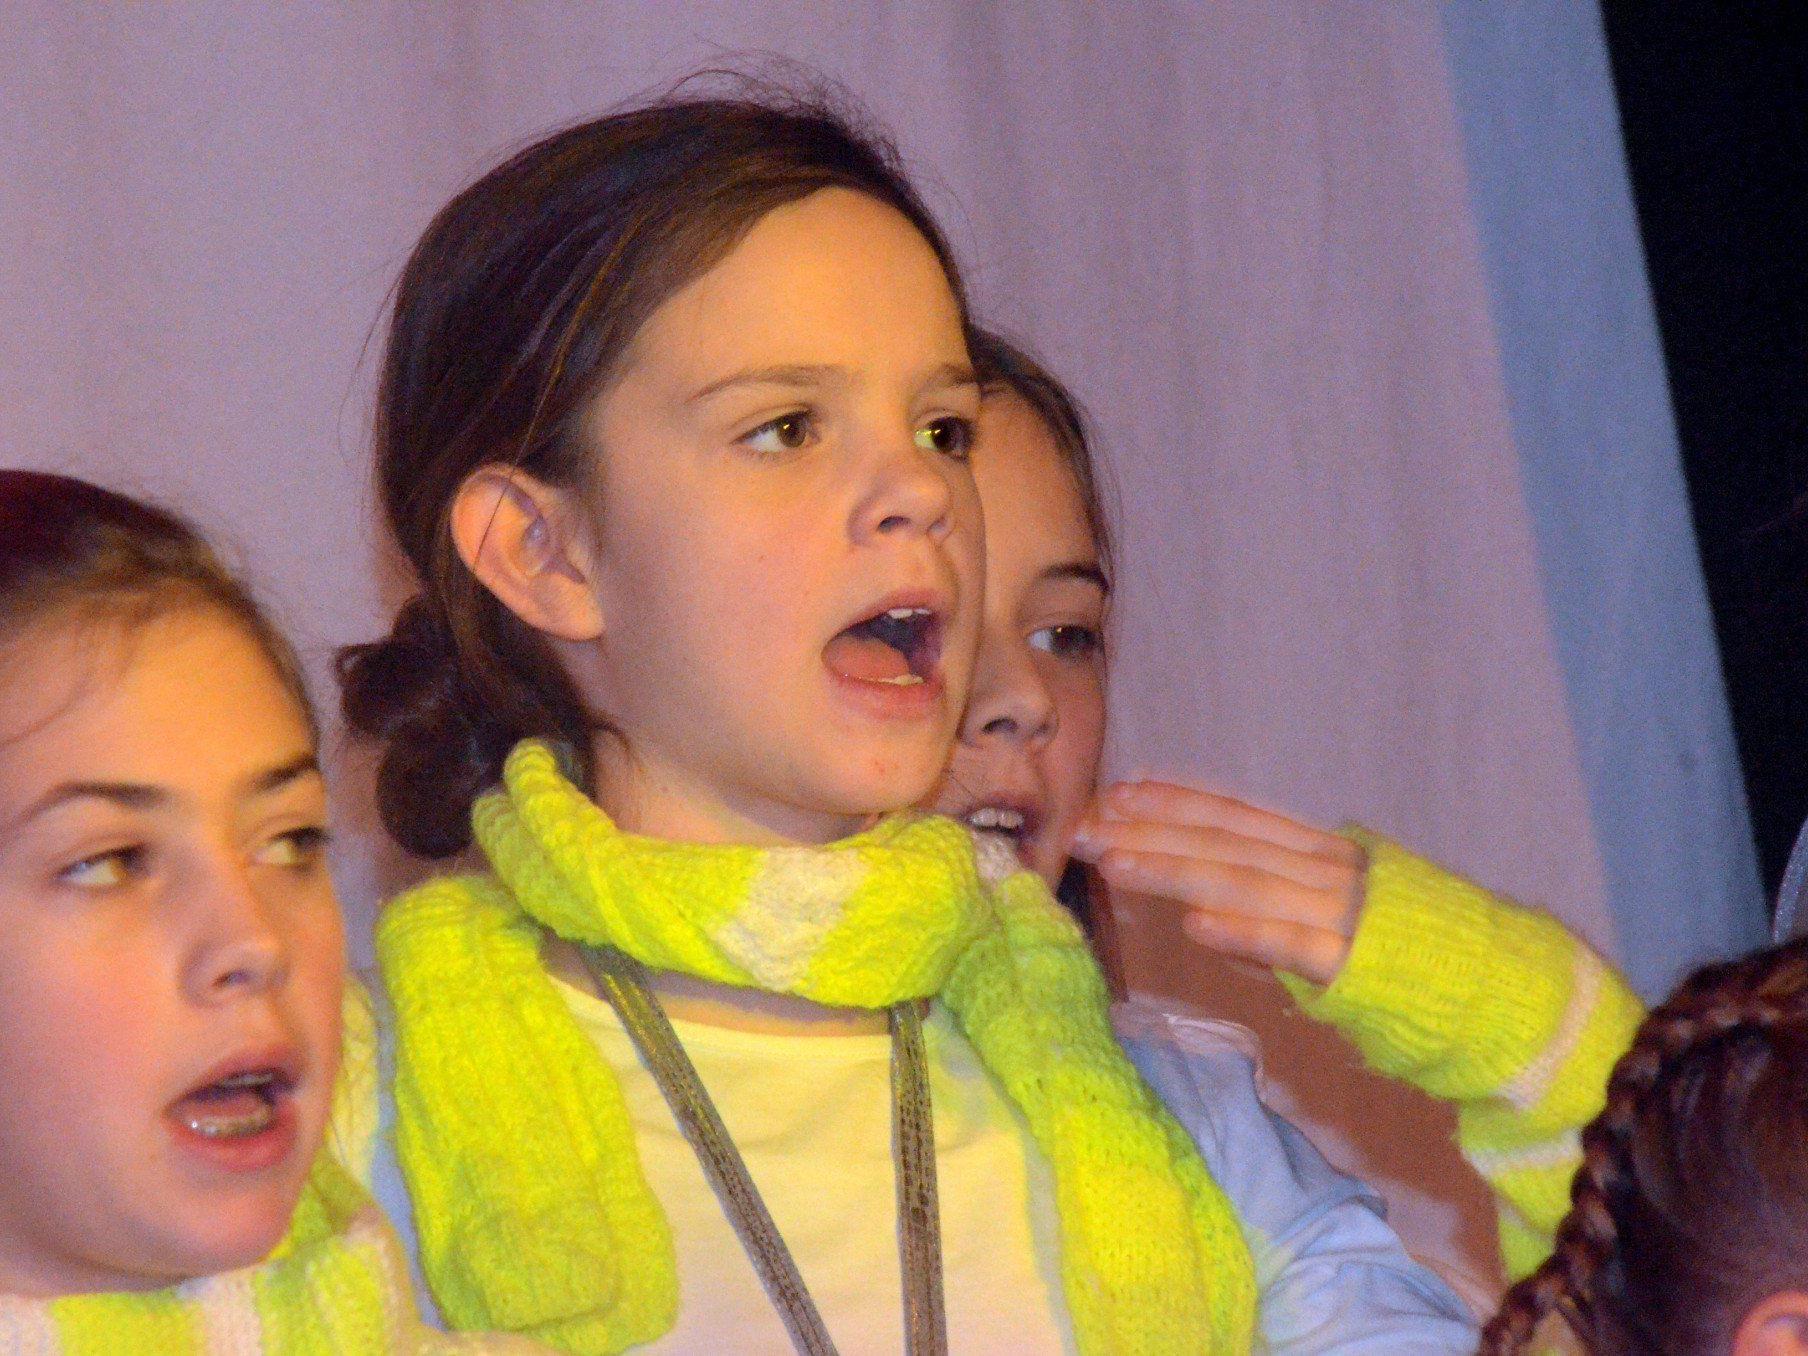 Singbegeisterte Kinder und Jugendliche treffen sich regelmäßig